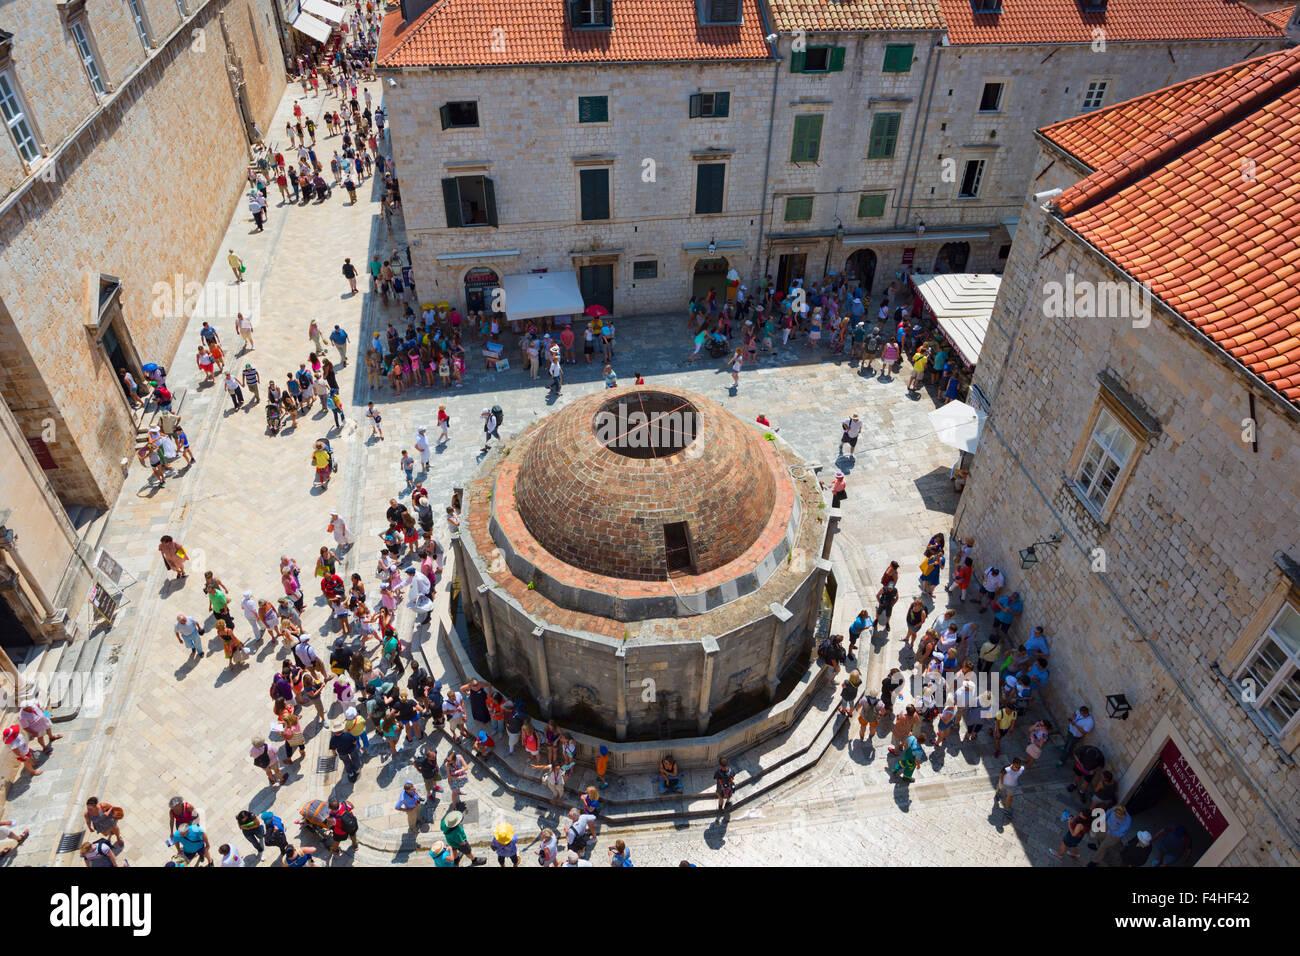 Dubrovnik, Croatie, comté de Dubrovnik-Neretva. La grande fontaine d'Onofrio. Banque D'Images